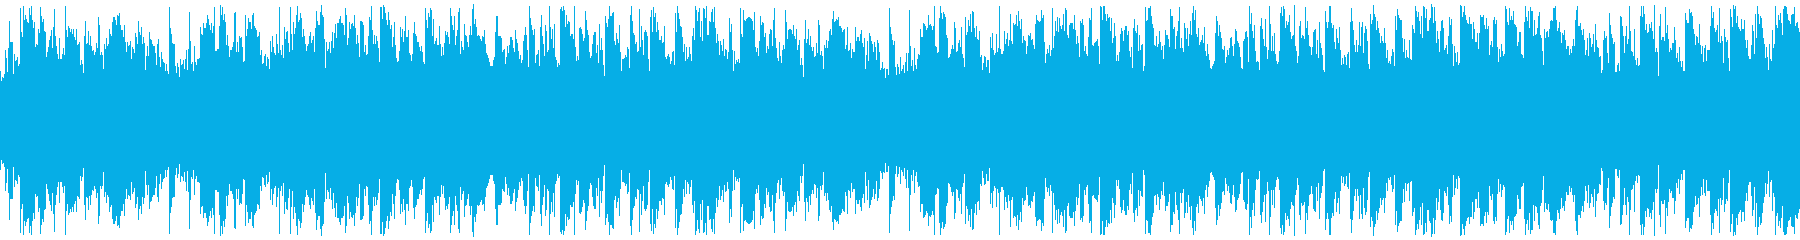 ループ・おしゃれな映像作品・EDMの再生済みの波形